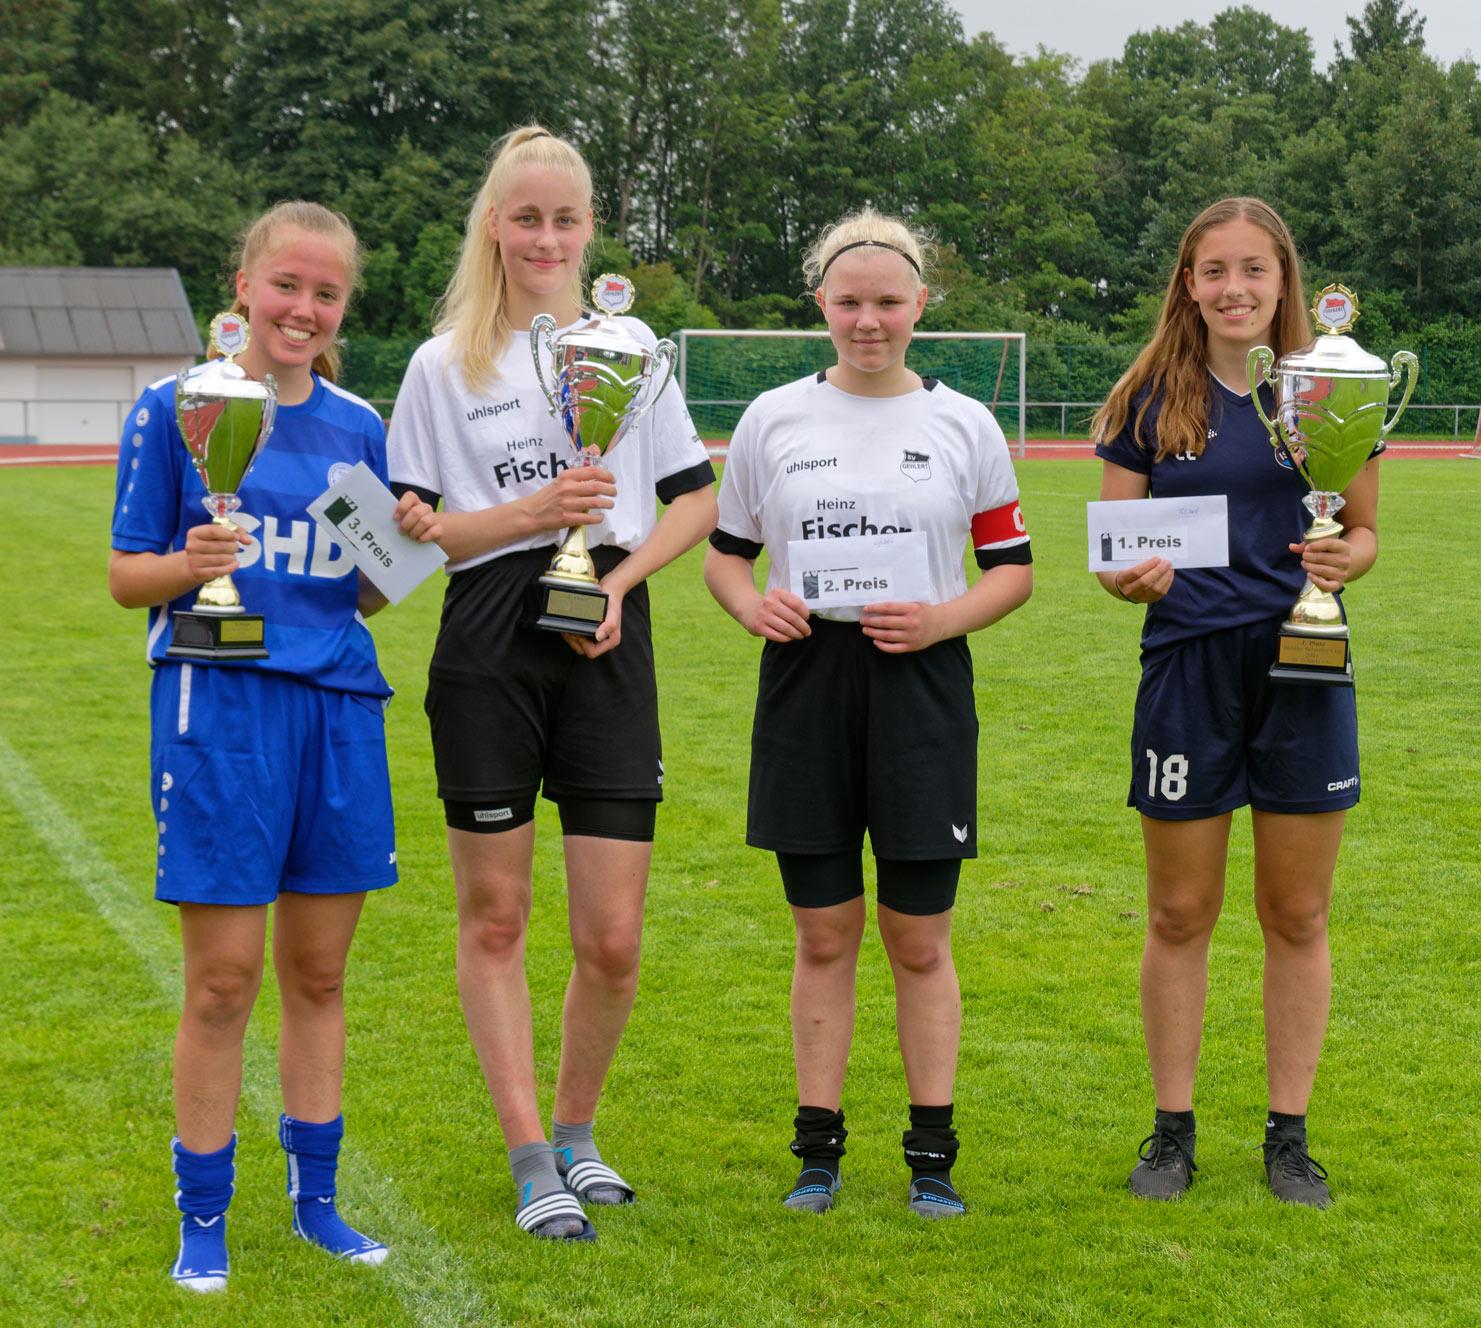 Siegerehrung(v.l.): Spielführerin Leni Hepfer (SG 99 Andernach, Platz 3), Marie Marenbach und Spielführerin Denise Krämer (SV Gehlert,Platz 2), Spielführerin Lea Ehlenz (TuS Issel, Platz 1)(Fotos: Martin Fandler / Quelle: SV Gehlert)